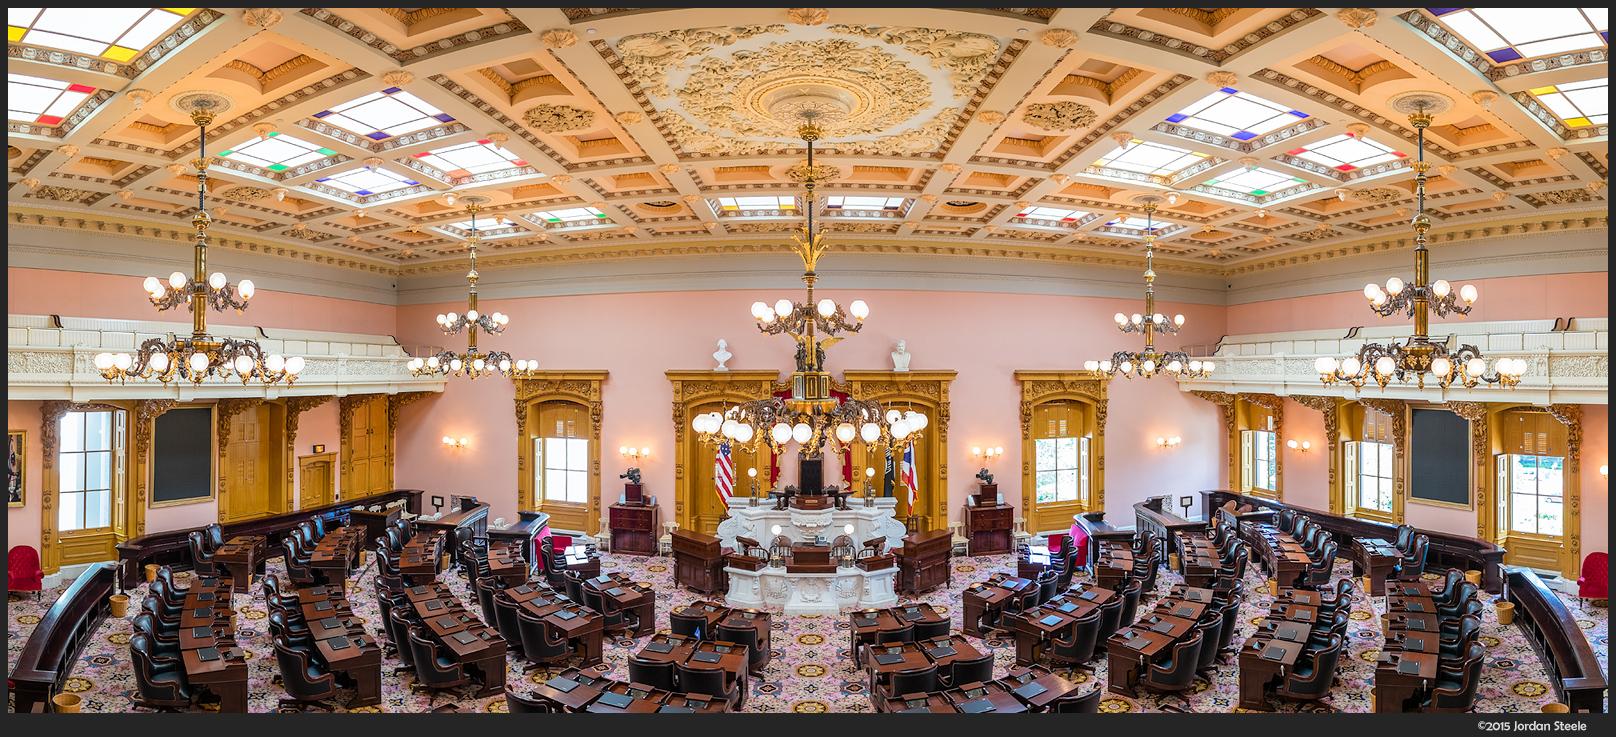 Ohio House of Representatives - Fujifilm X-T1 with Fujinon XF 16mm f/1.4 WR @ f/2.8 (5 image stitch)